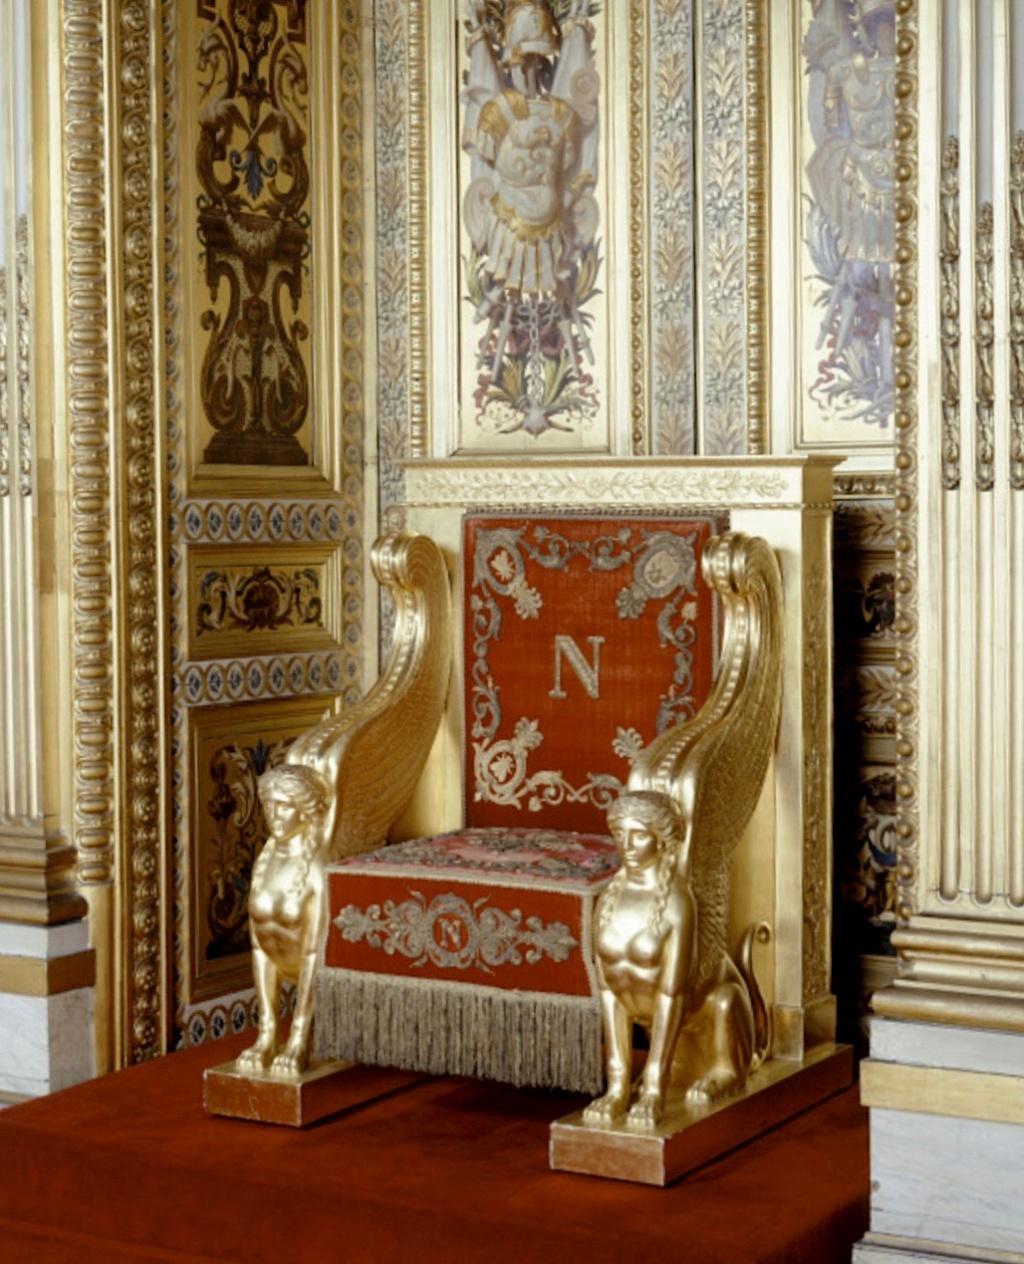 Expositions et évènements : 2021, année Napoléon. Bicentenaire de la mort de l'empereur Napoléon Ier.  Troane10